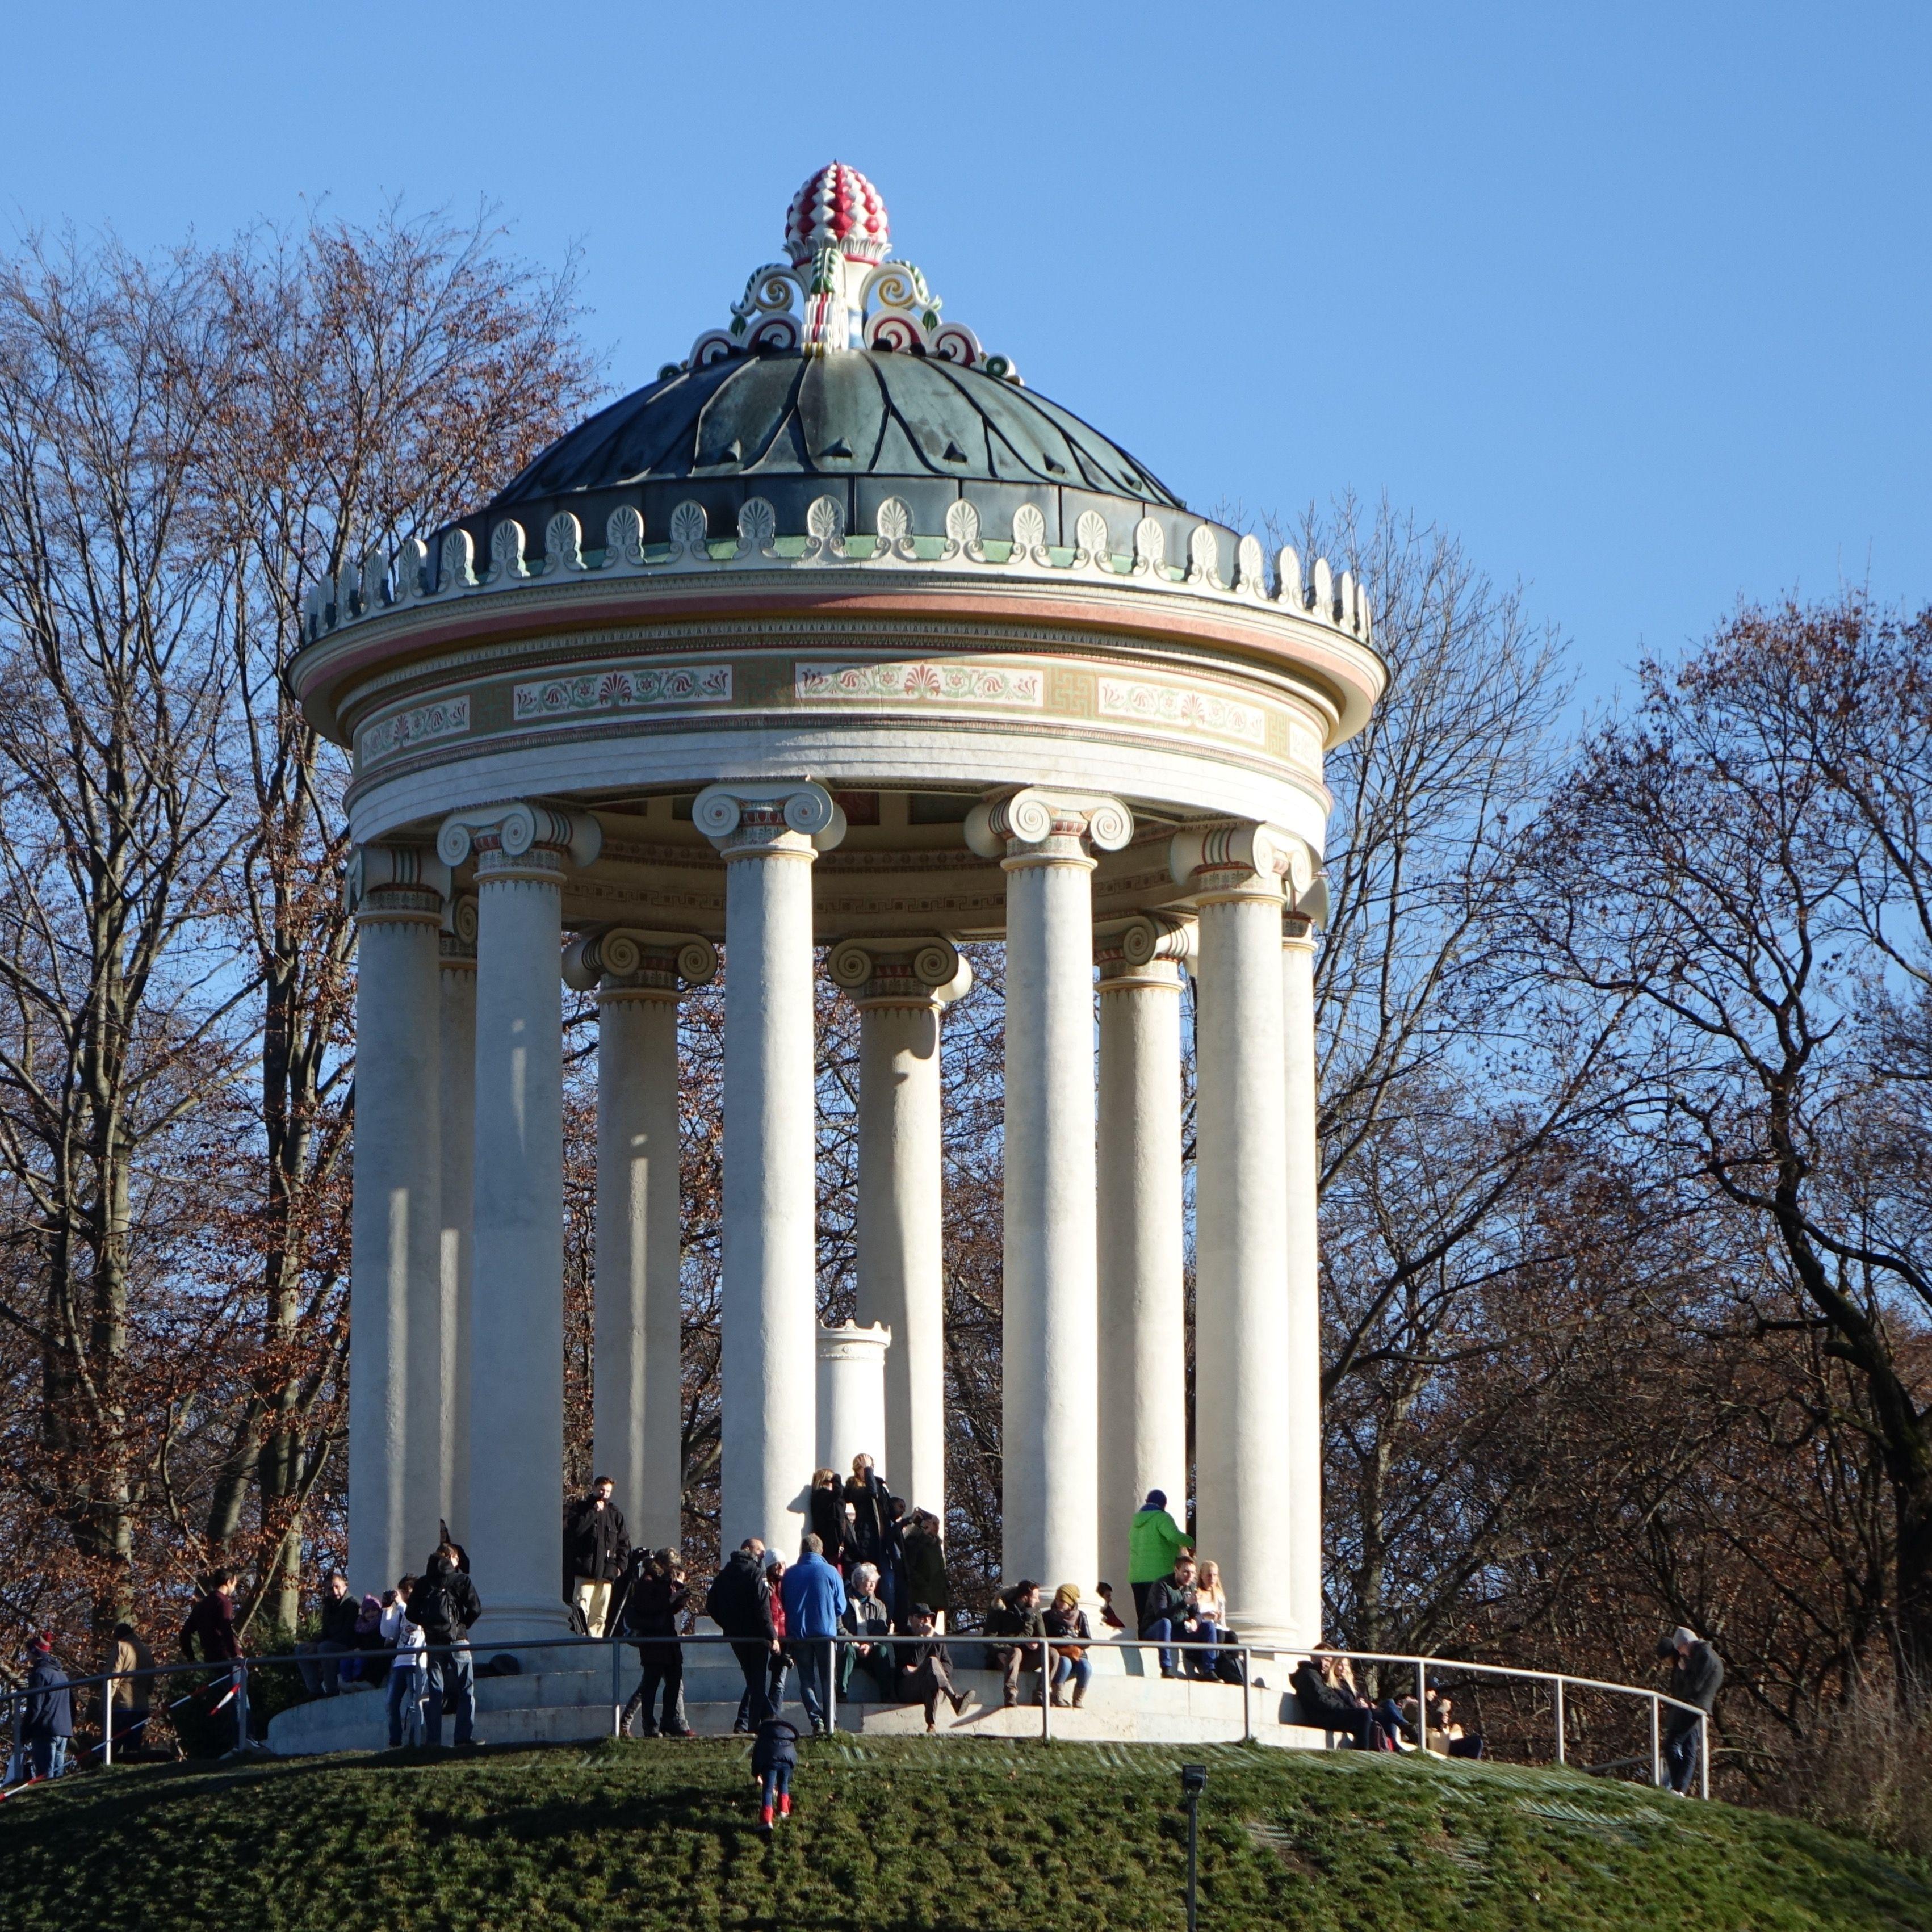 Munich Germany Munchen Deutschland Englischer Garten Monopteros Neoclassical Architecture Architecture Gazebo